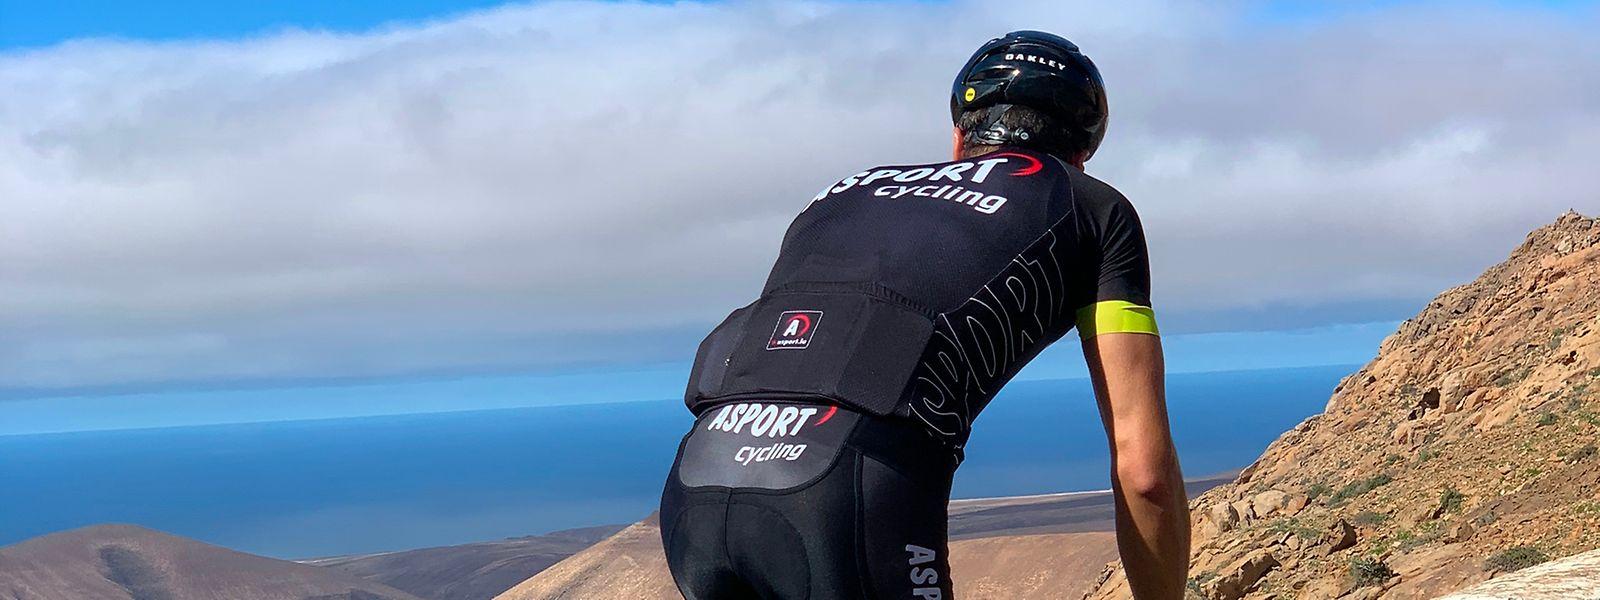 Schuften nach der Armee-Grundausbildung: Im Trainingslager in Fuerteventura baut Gregor Payet seine Form wieder auf.